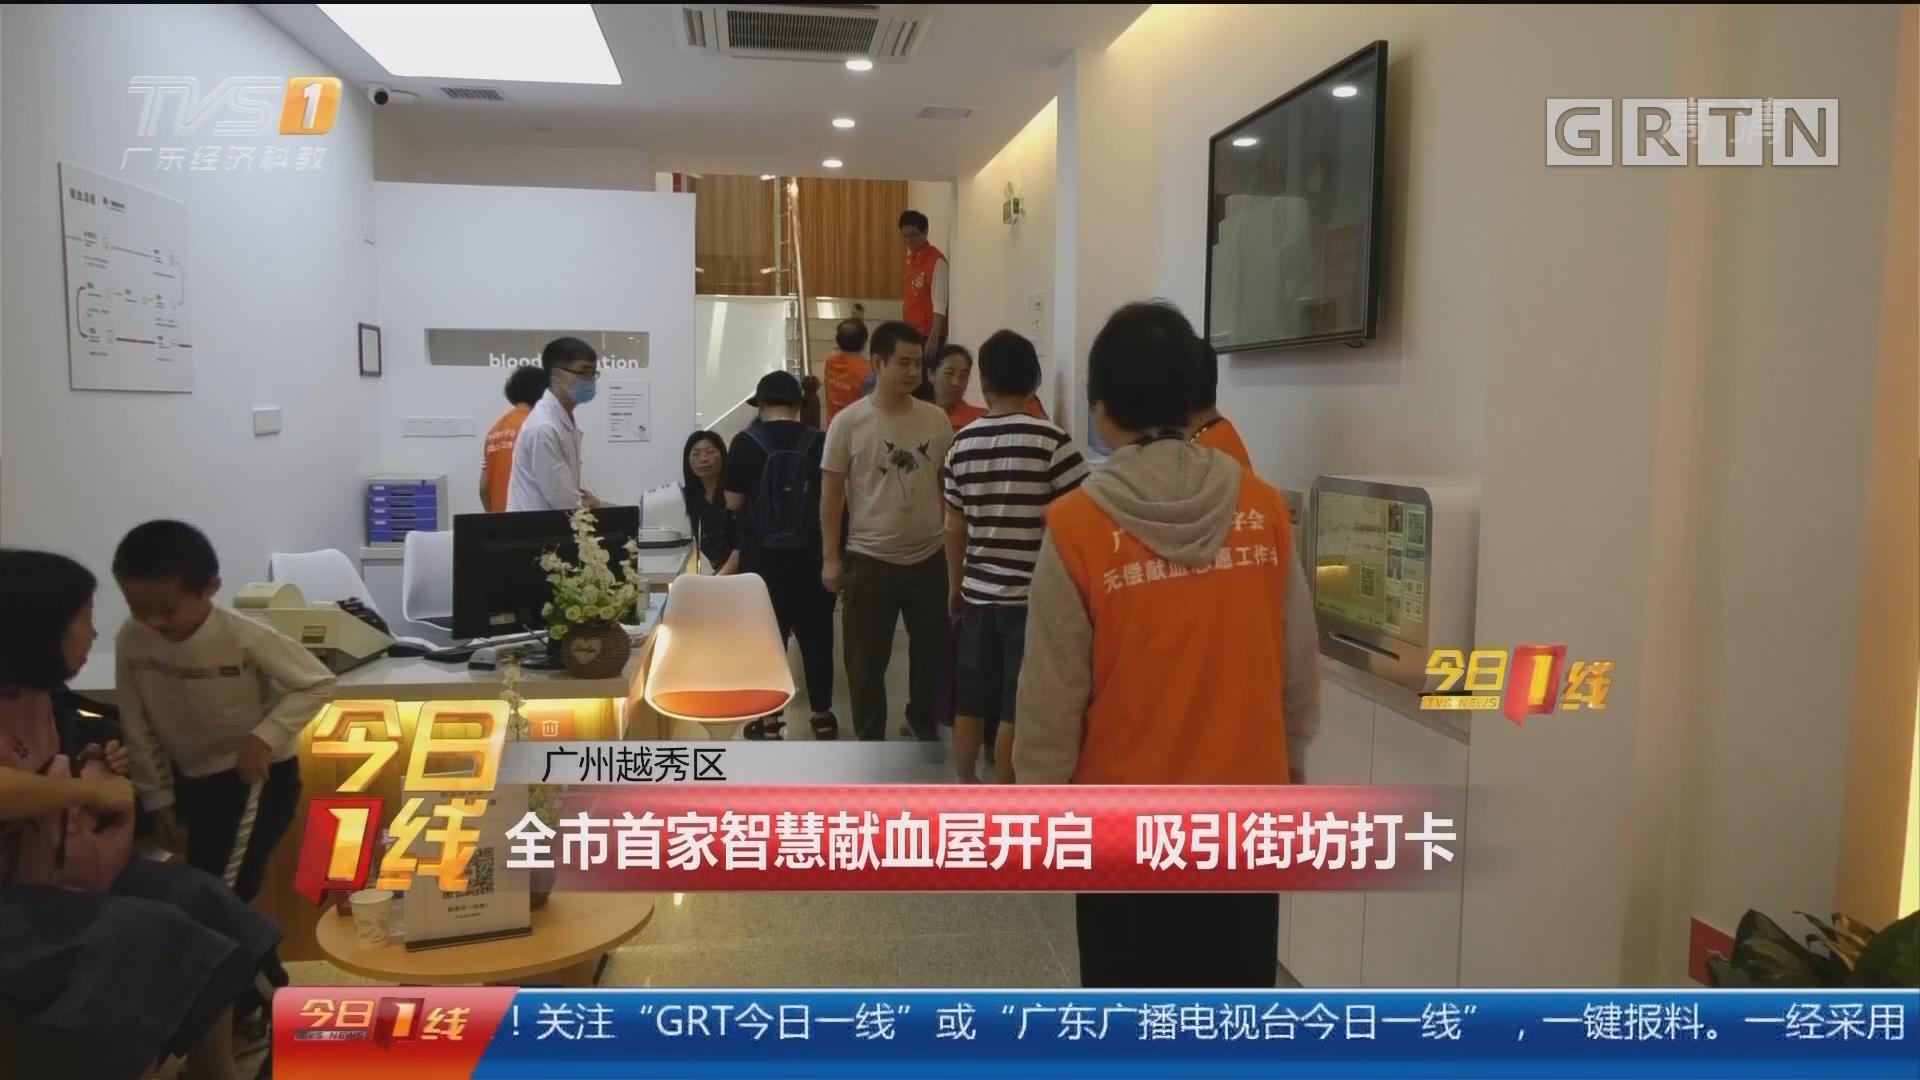 广州越秀区:全市首家智慧献血屋开启 吸引街坊打卡